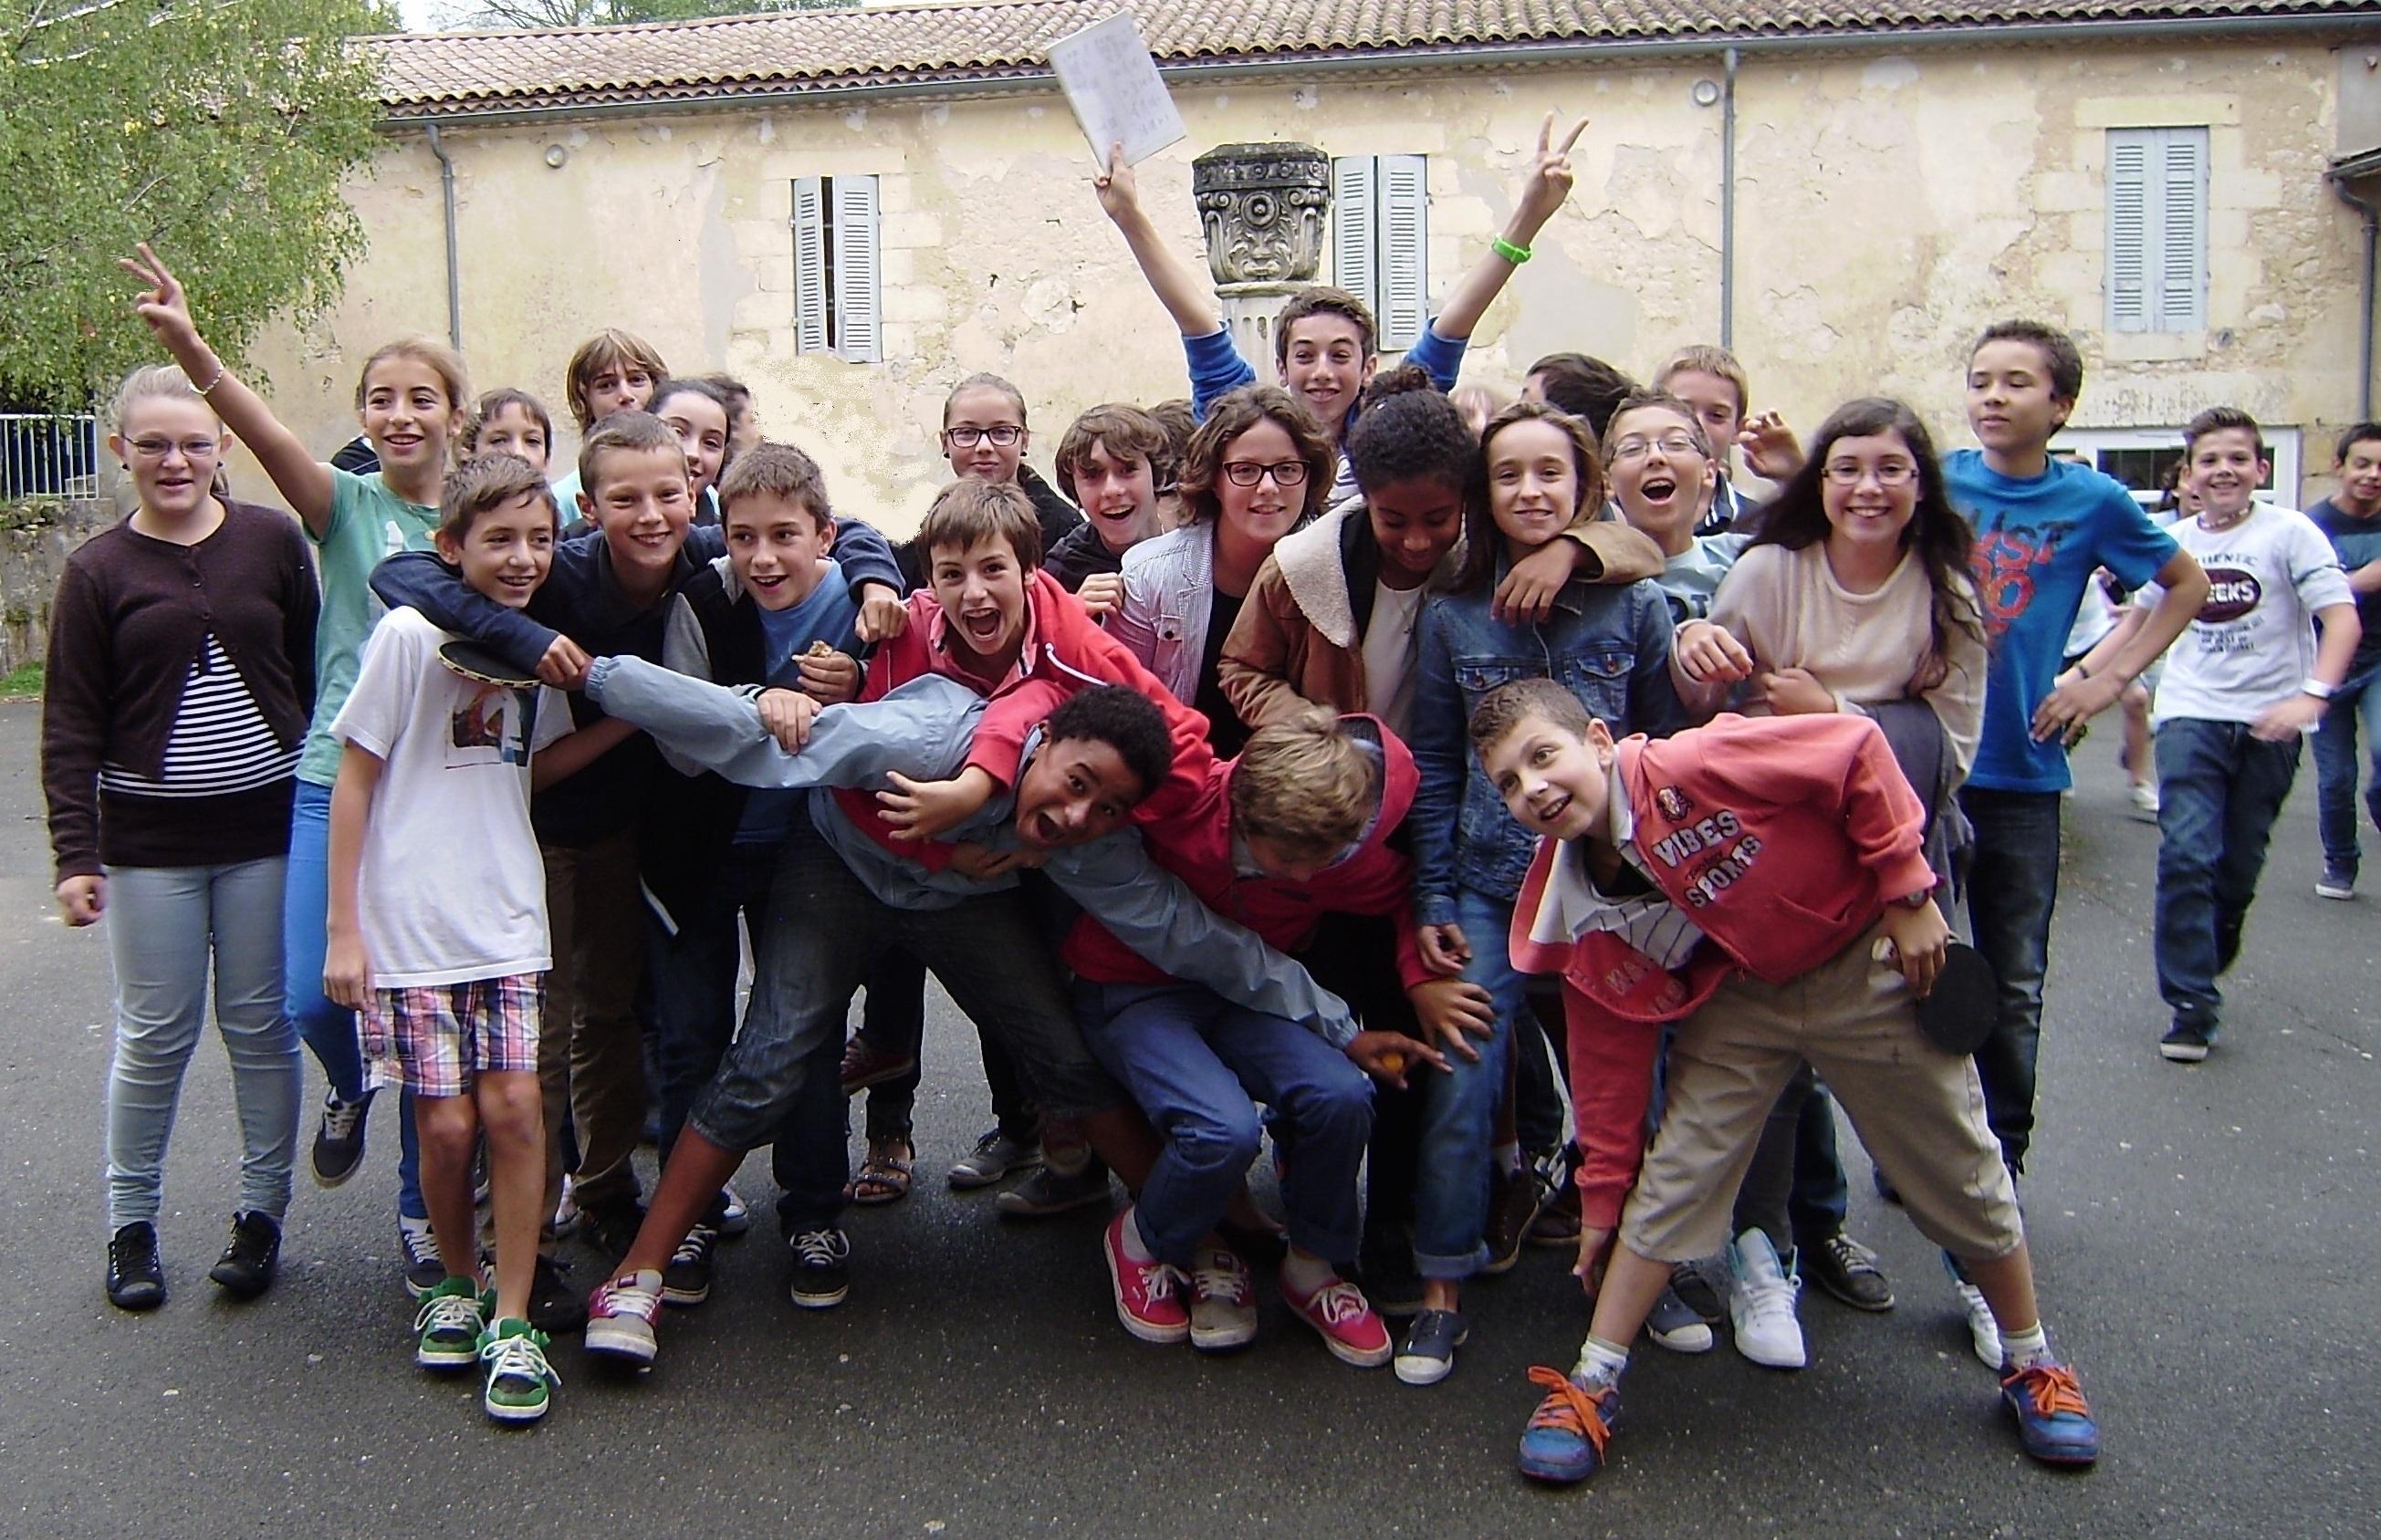 Jeunes 5è Collège Jeanne d'Arc Paroisse de Blayemod